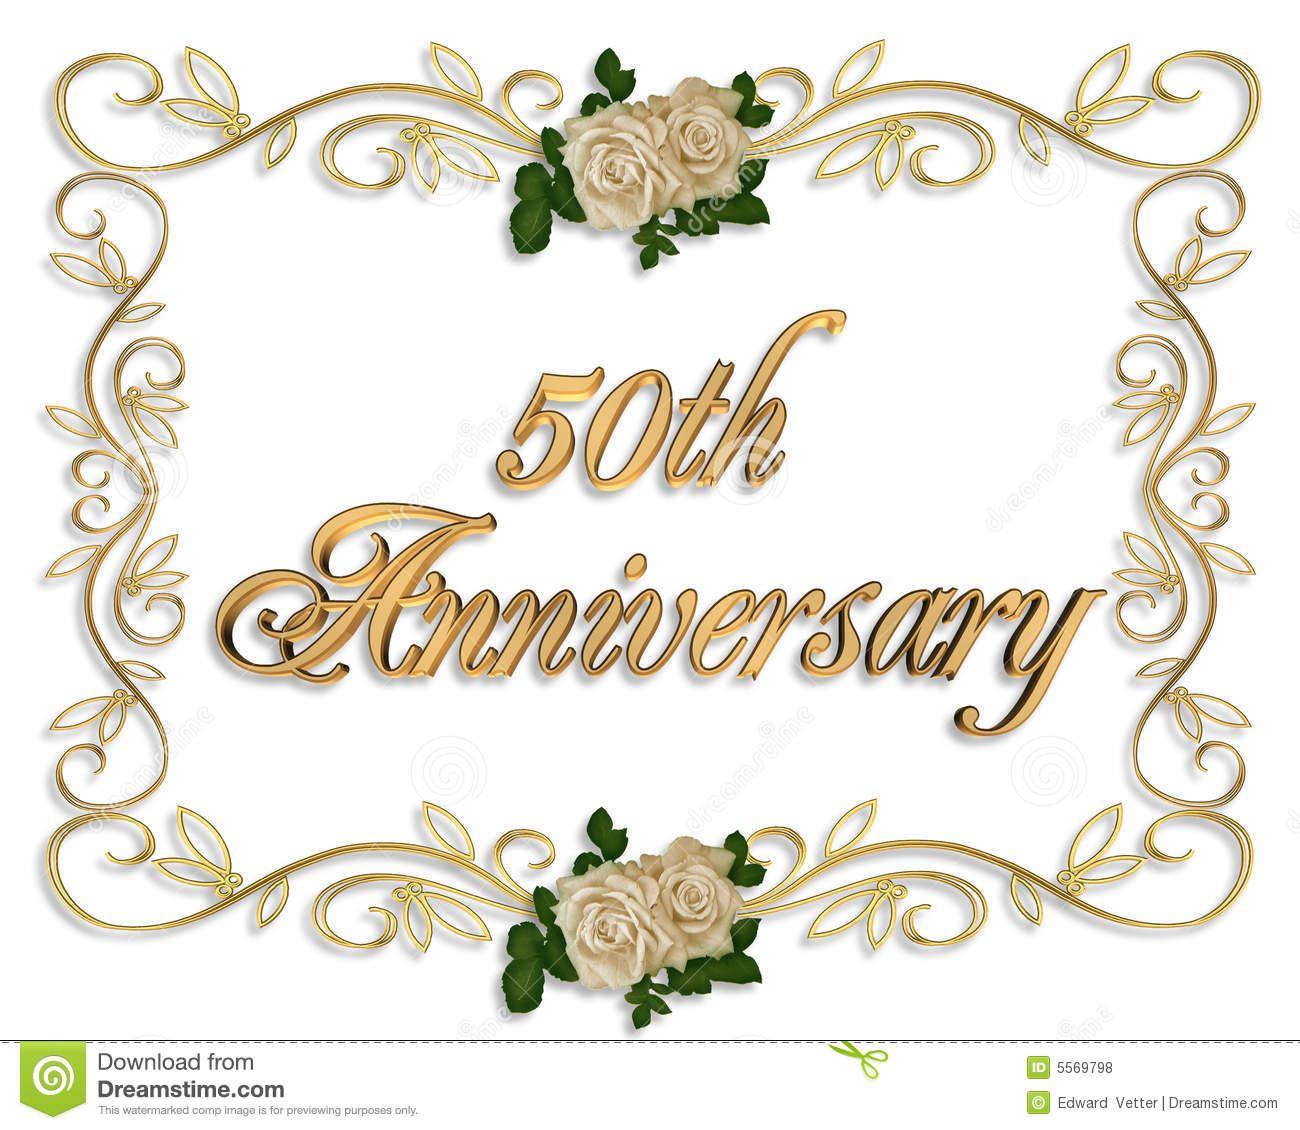 50th Anniversary Invitation Royalty Free Stock Photos.